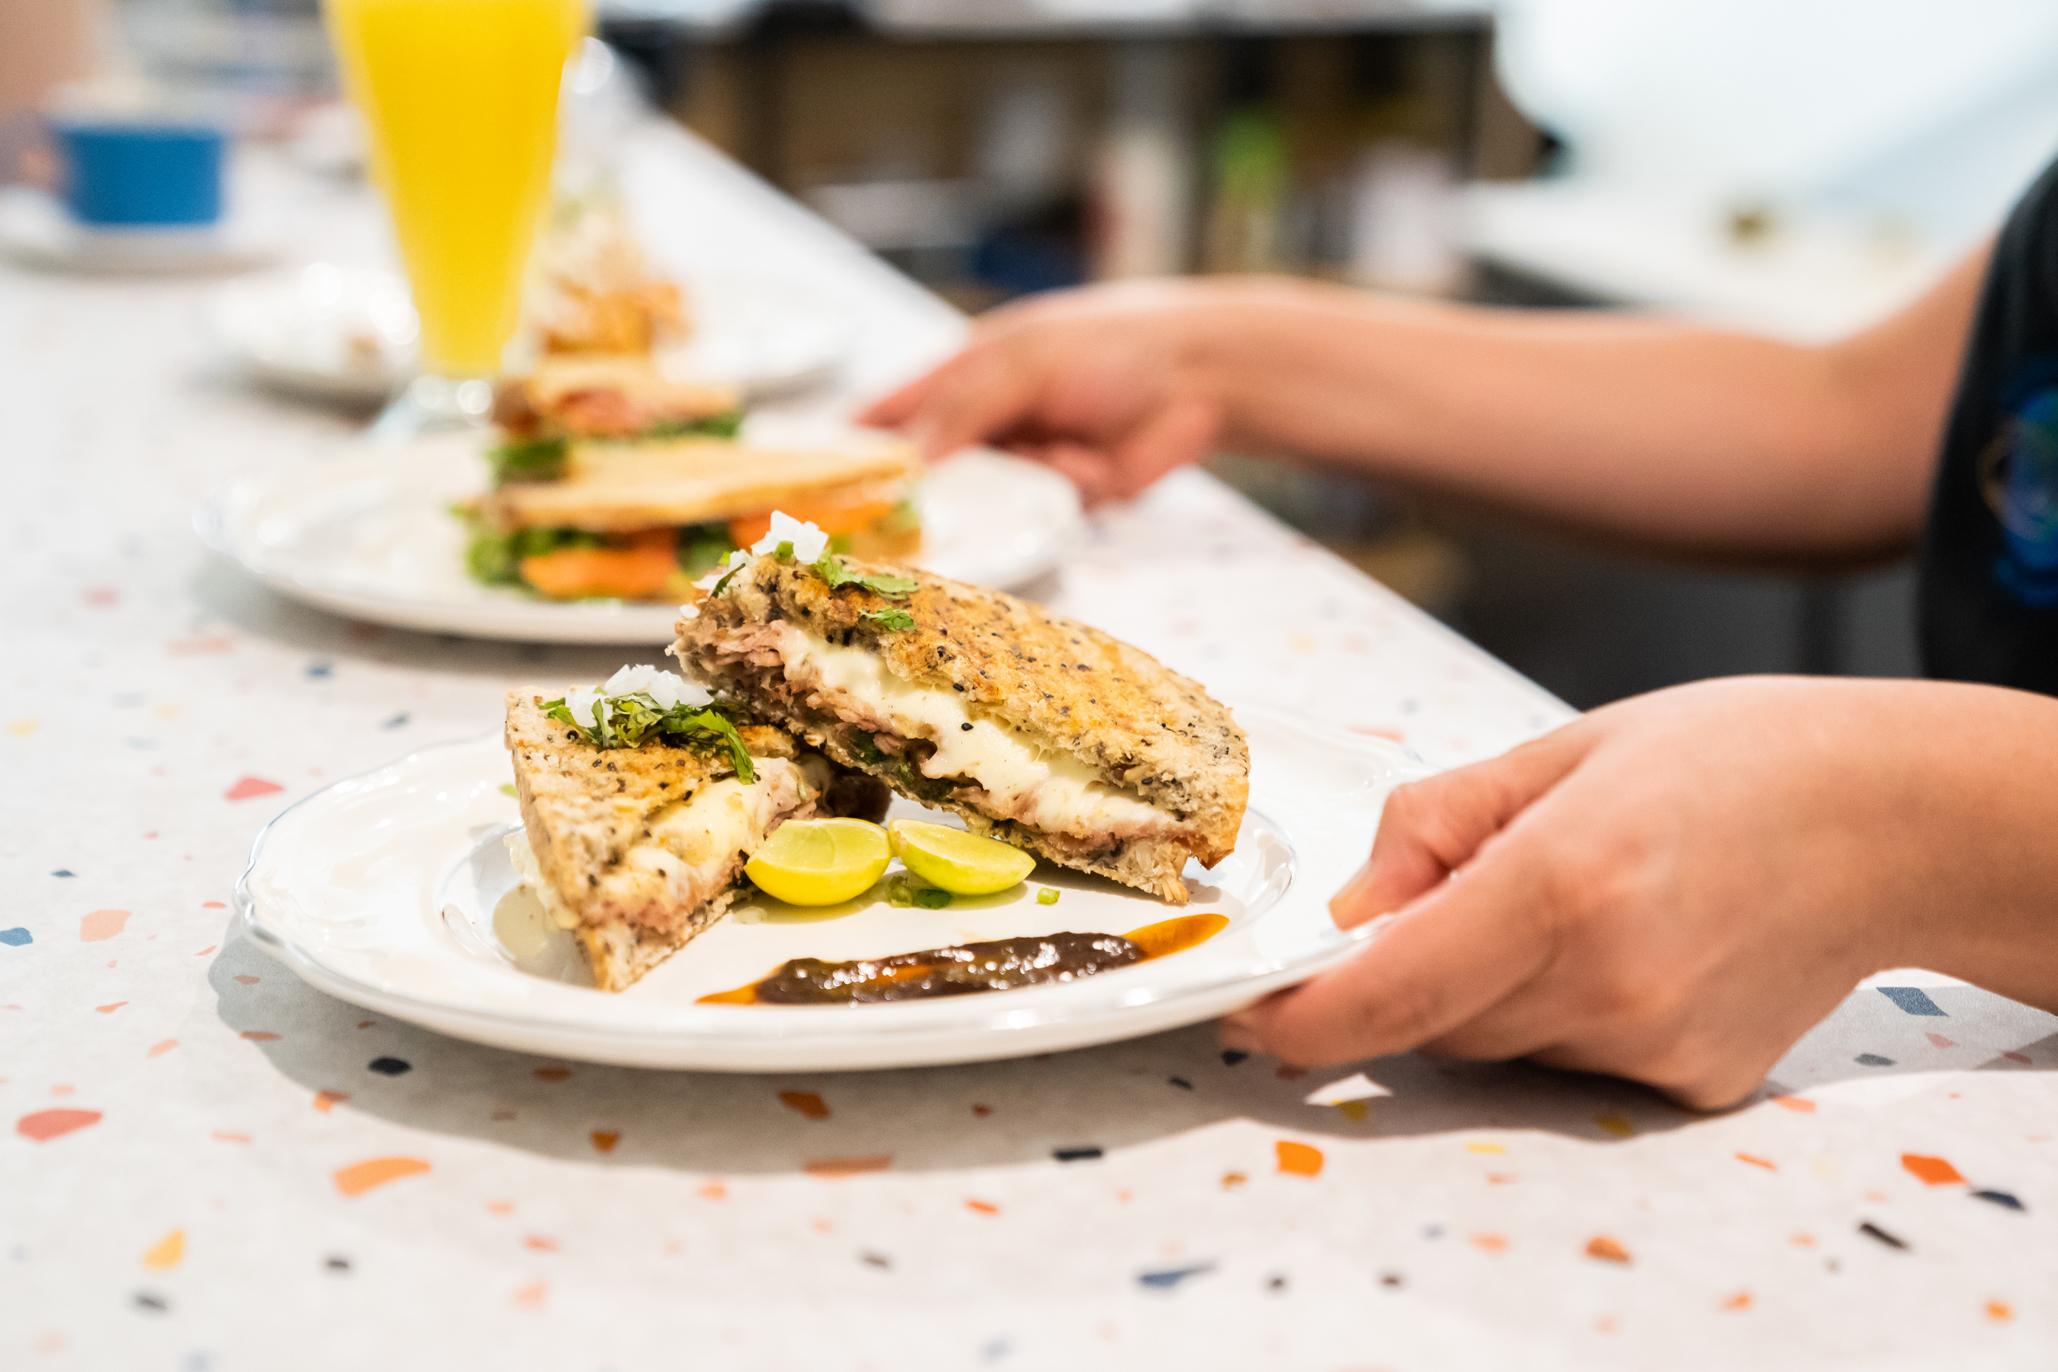 sándwiches servidos en eva sandwichería